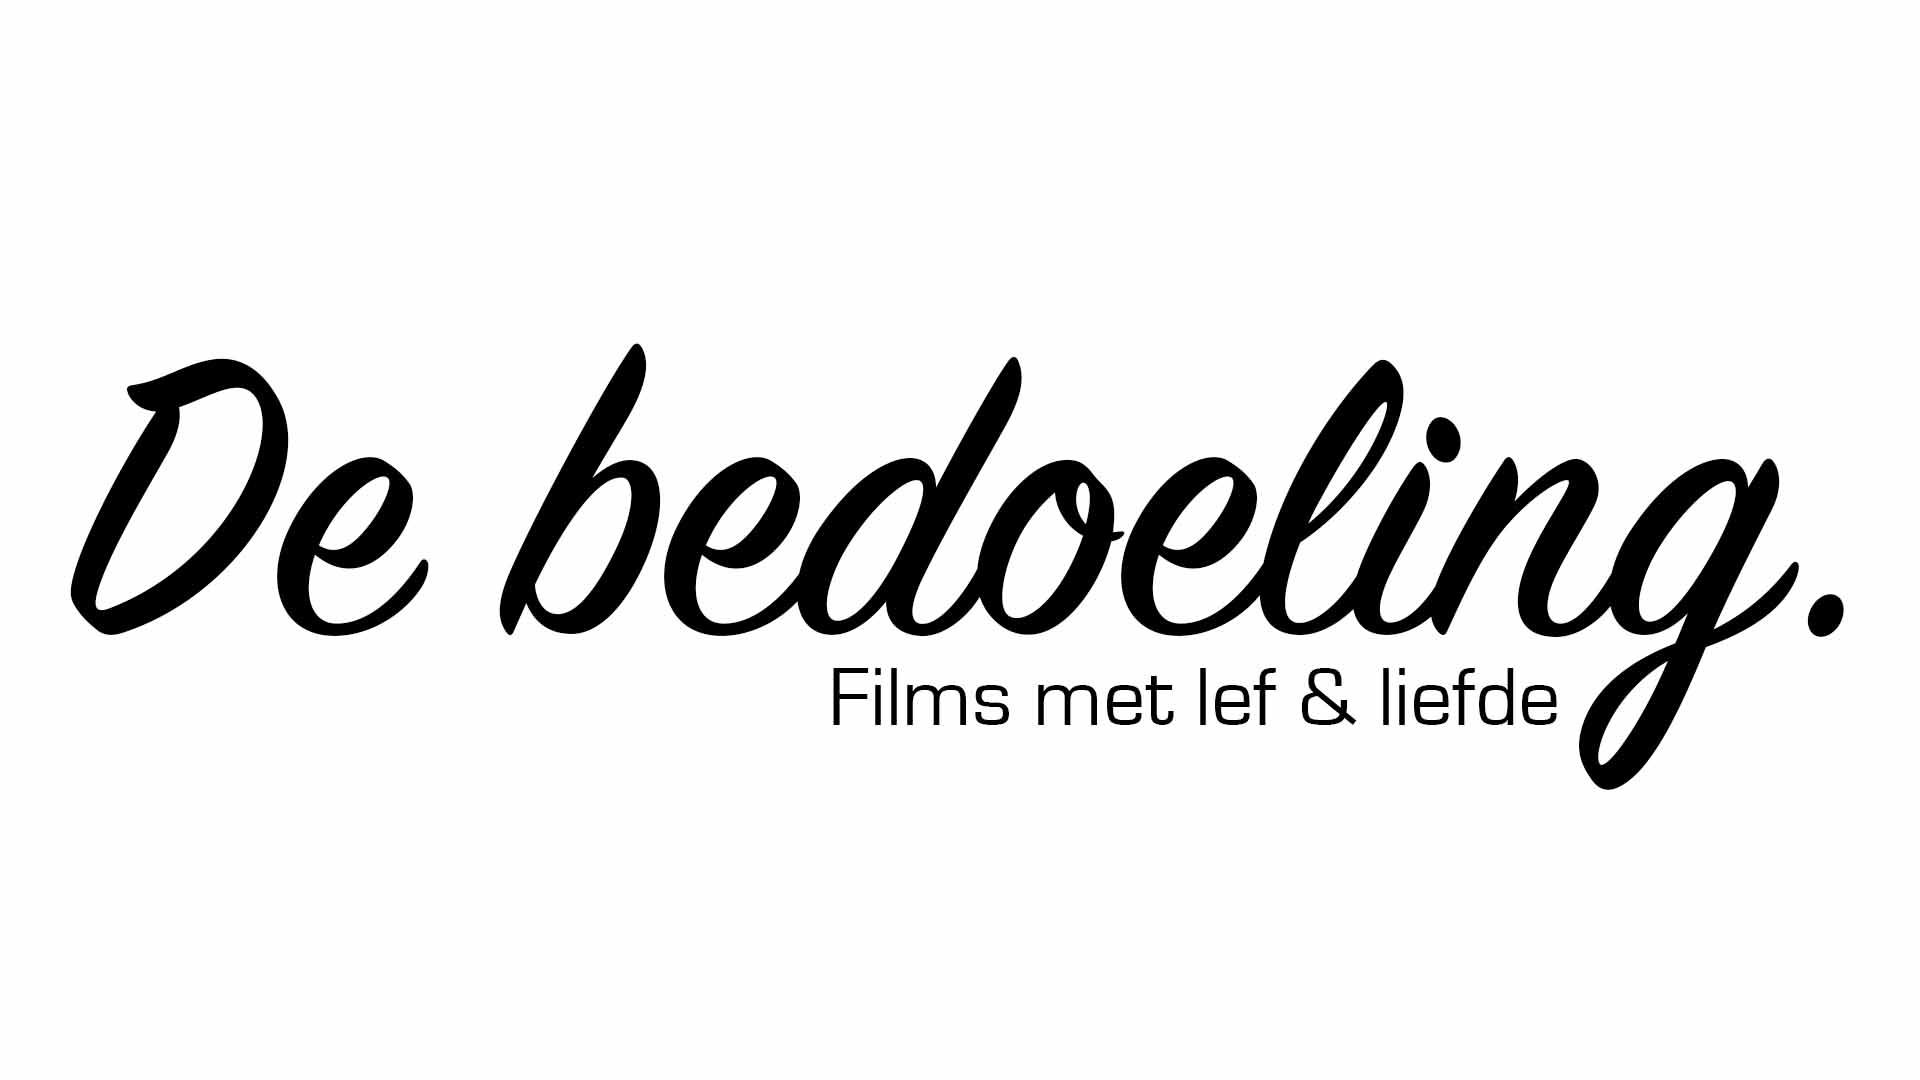 De Bedoeling Films